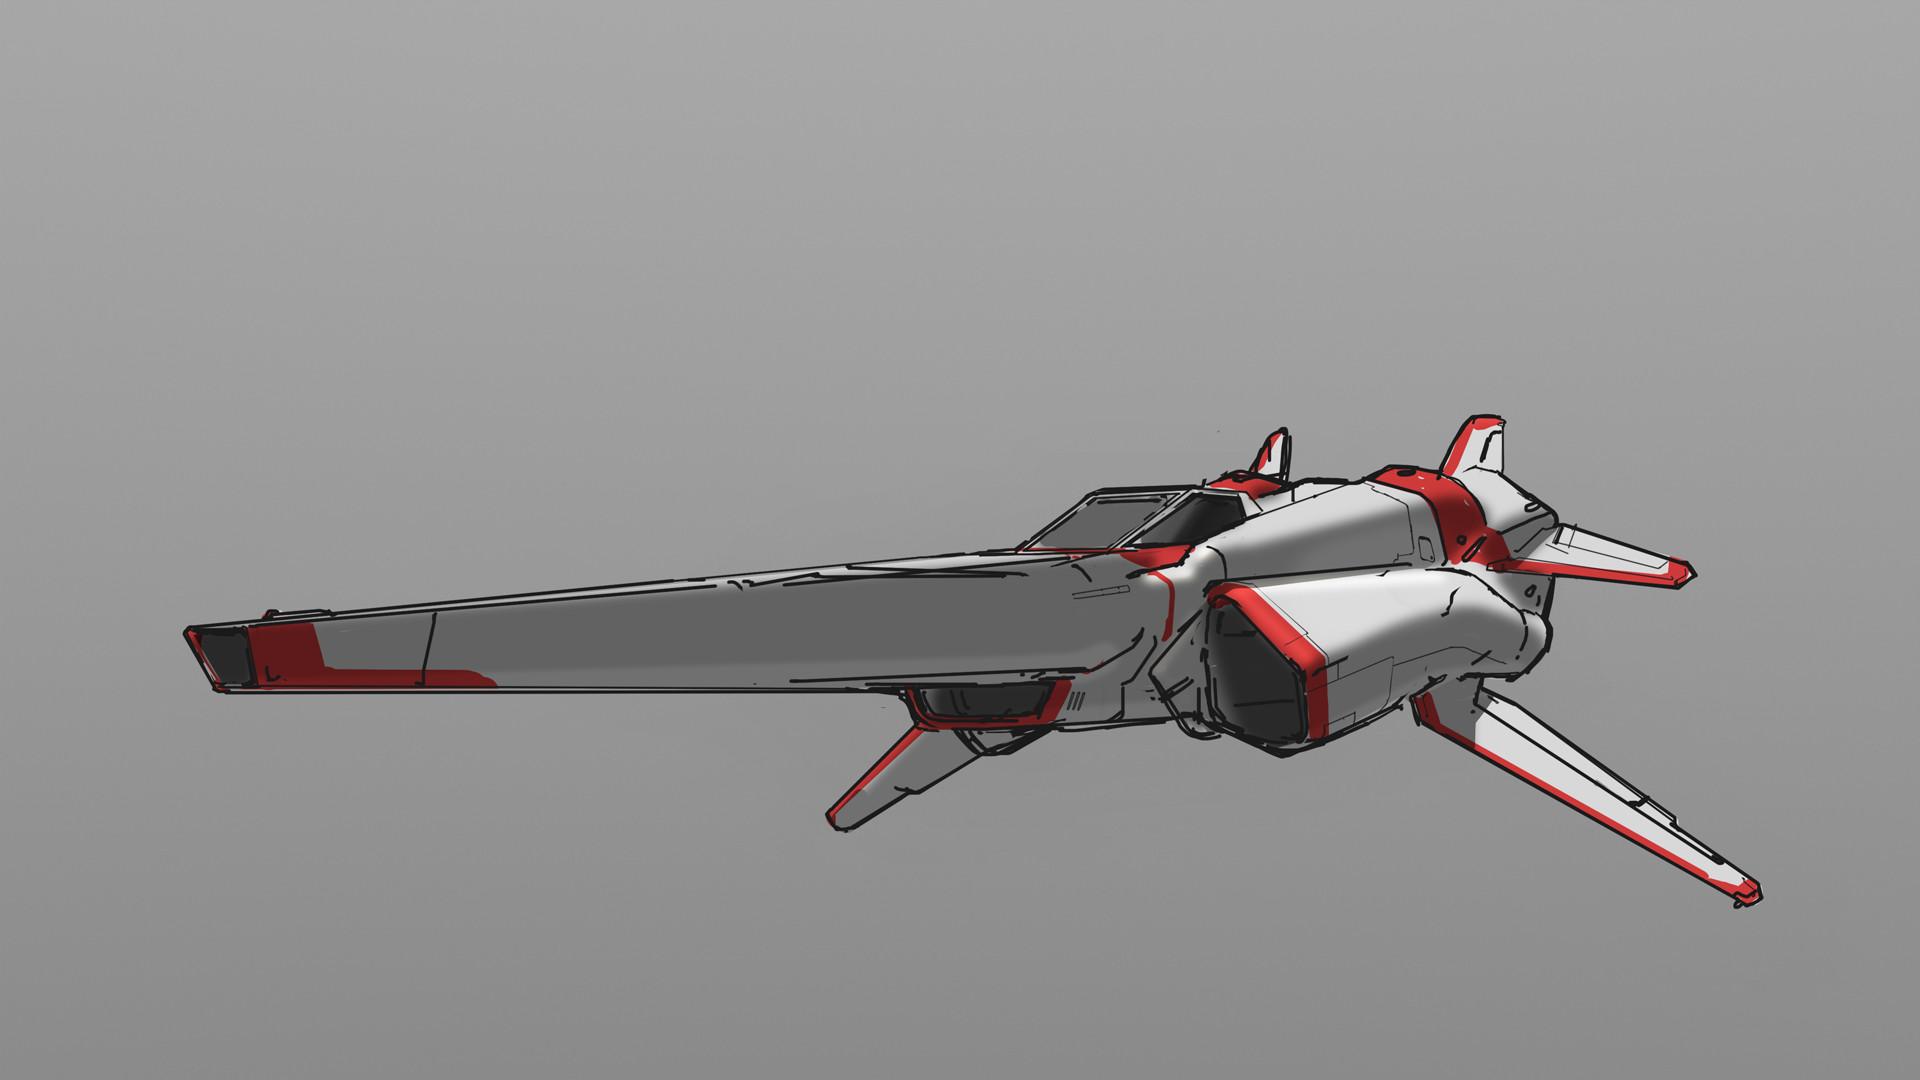 German casado fraga asl spaceship 012 v004 a